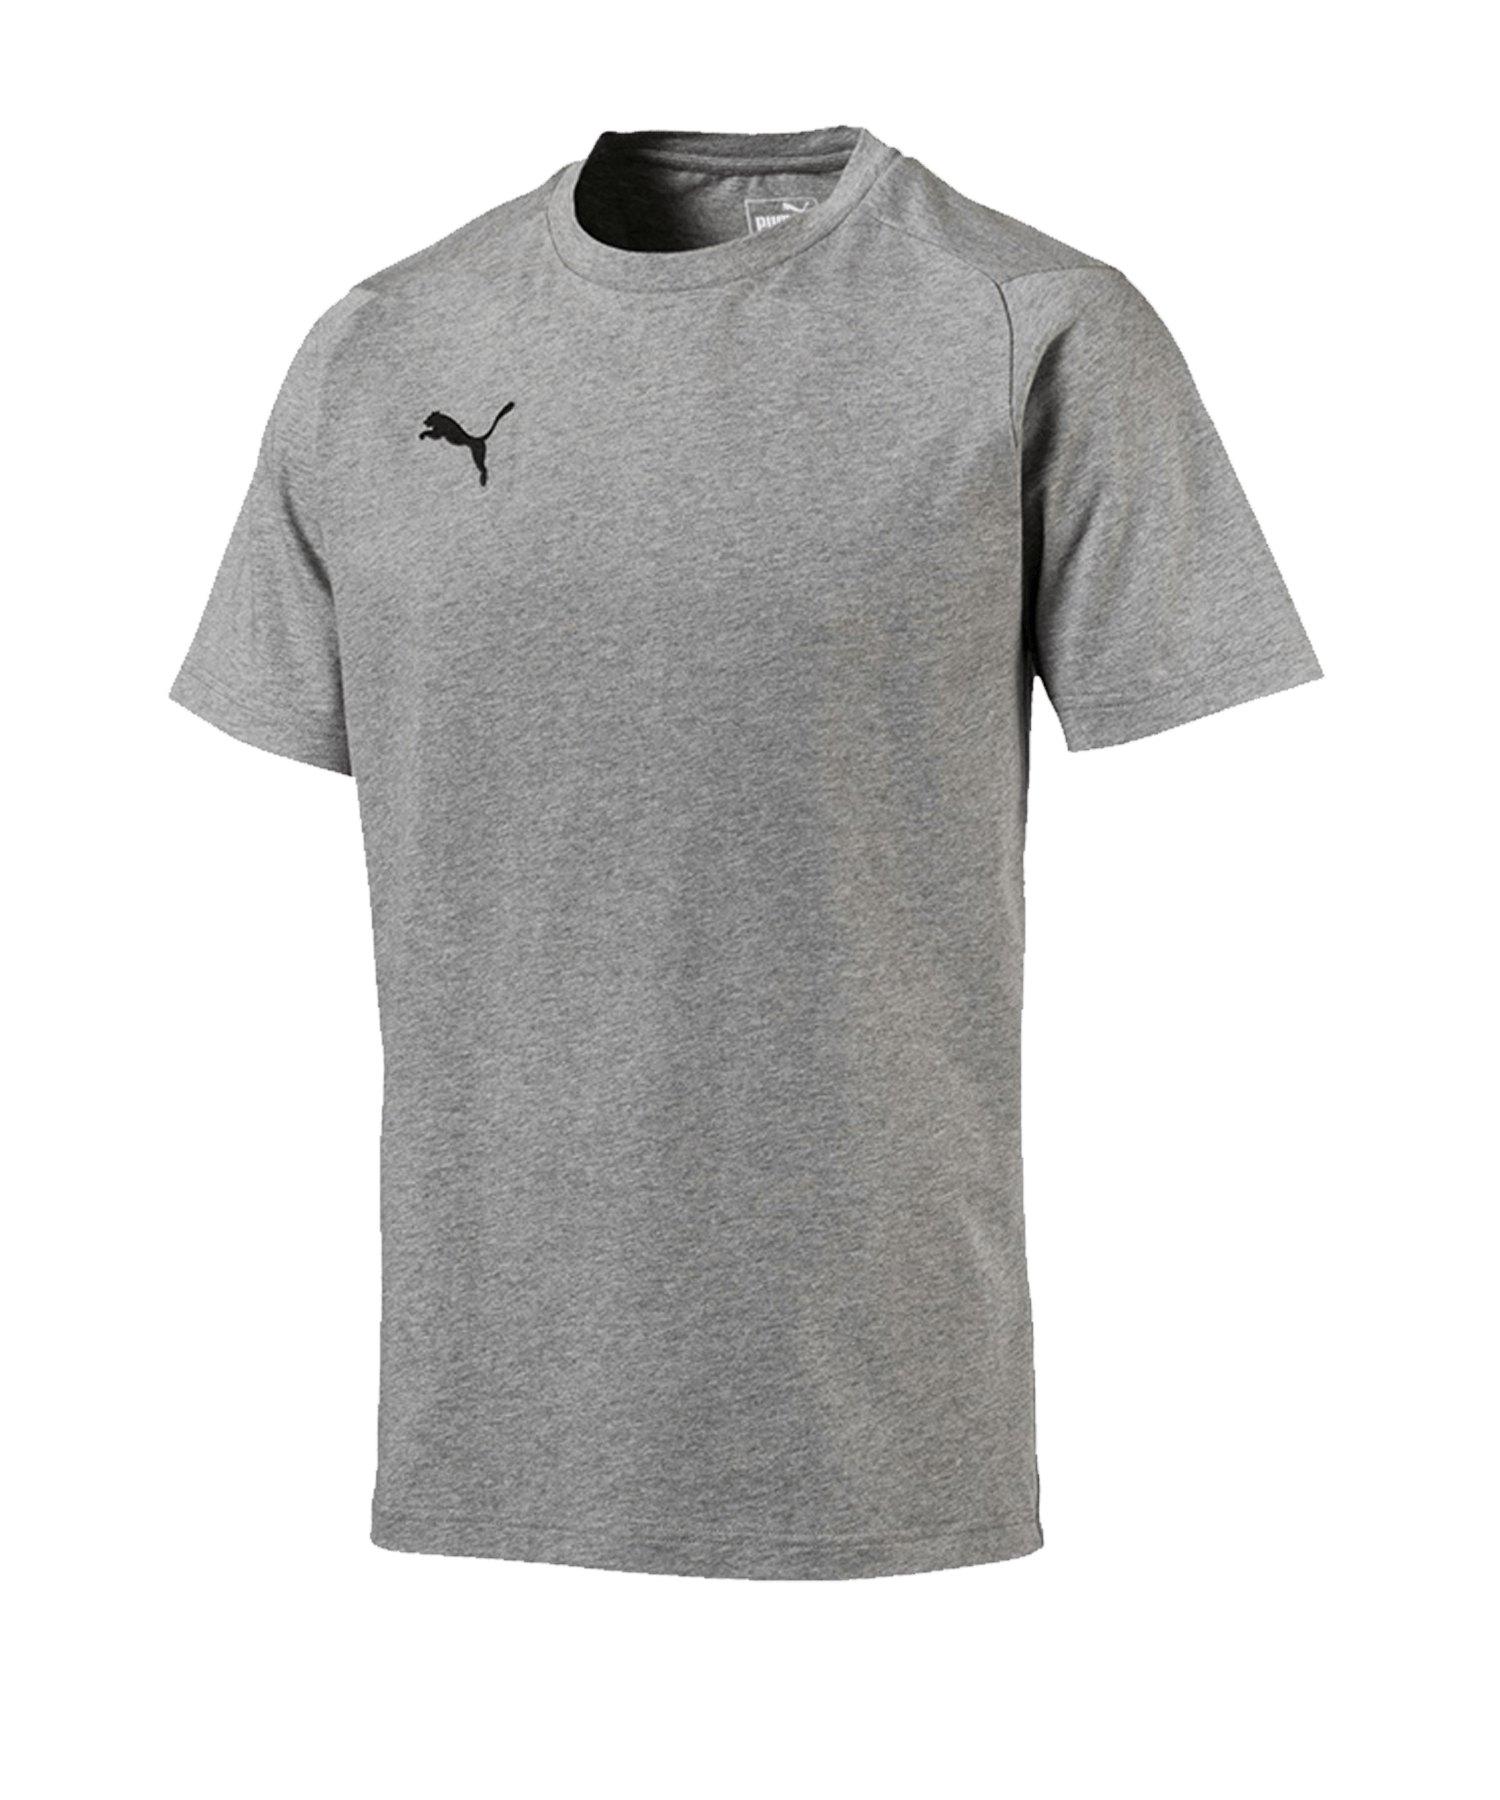 PUMA LIGA Casuals Tee T-Shirt Grau F33 - grau